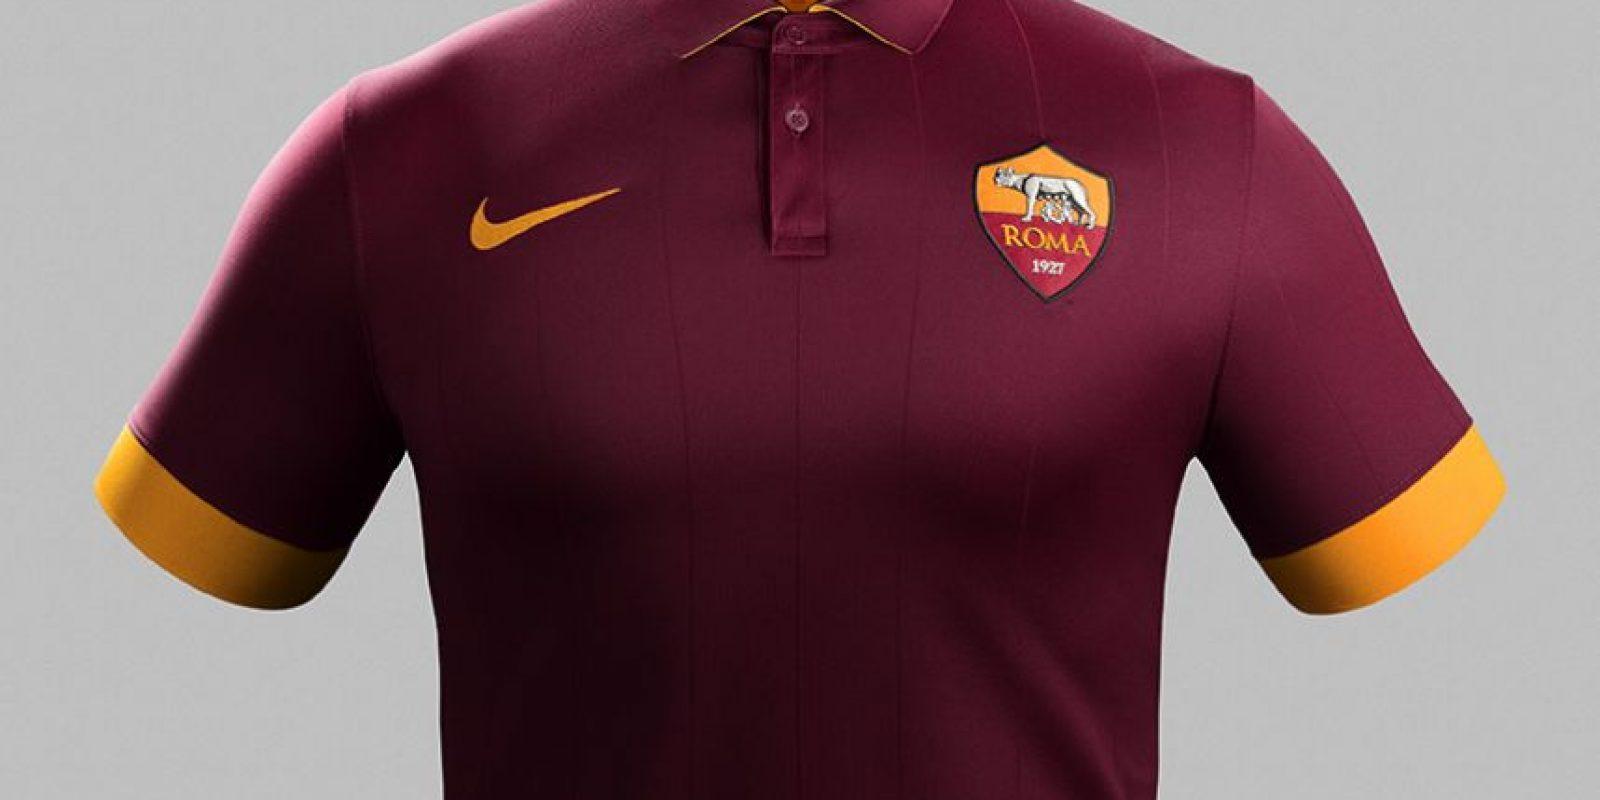 La Roma da a conocer su nuevo uniforme. Foto  Nike  Foto  Nike ... 2d4724f9020ca